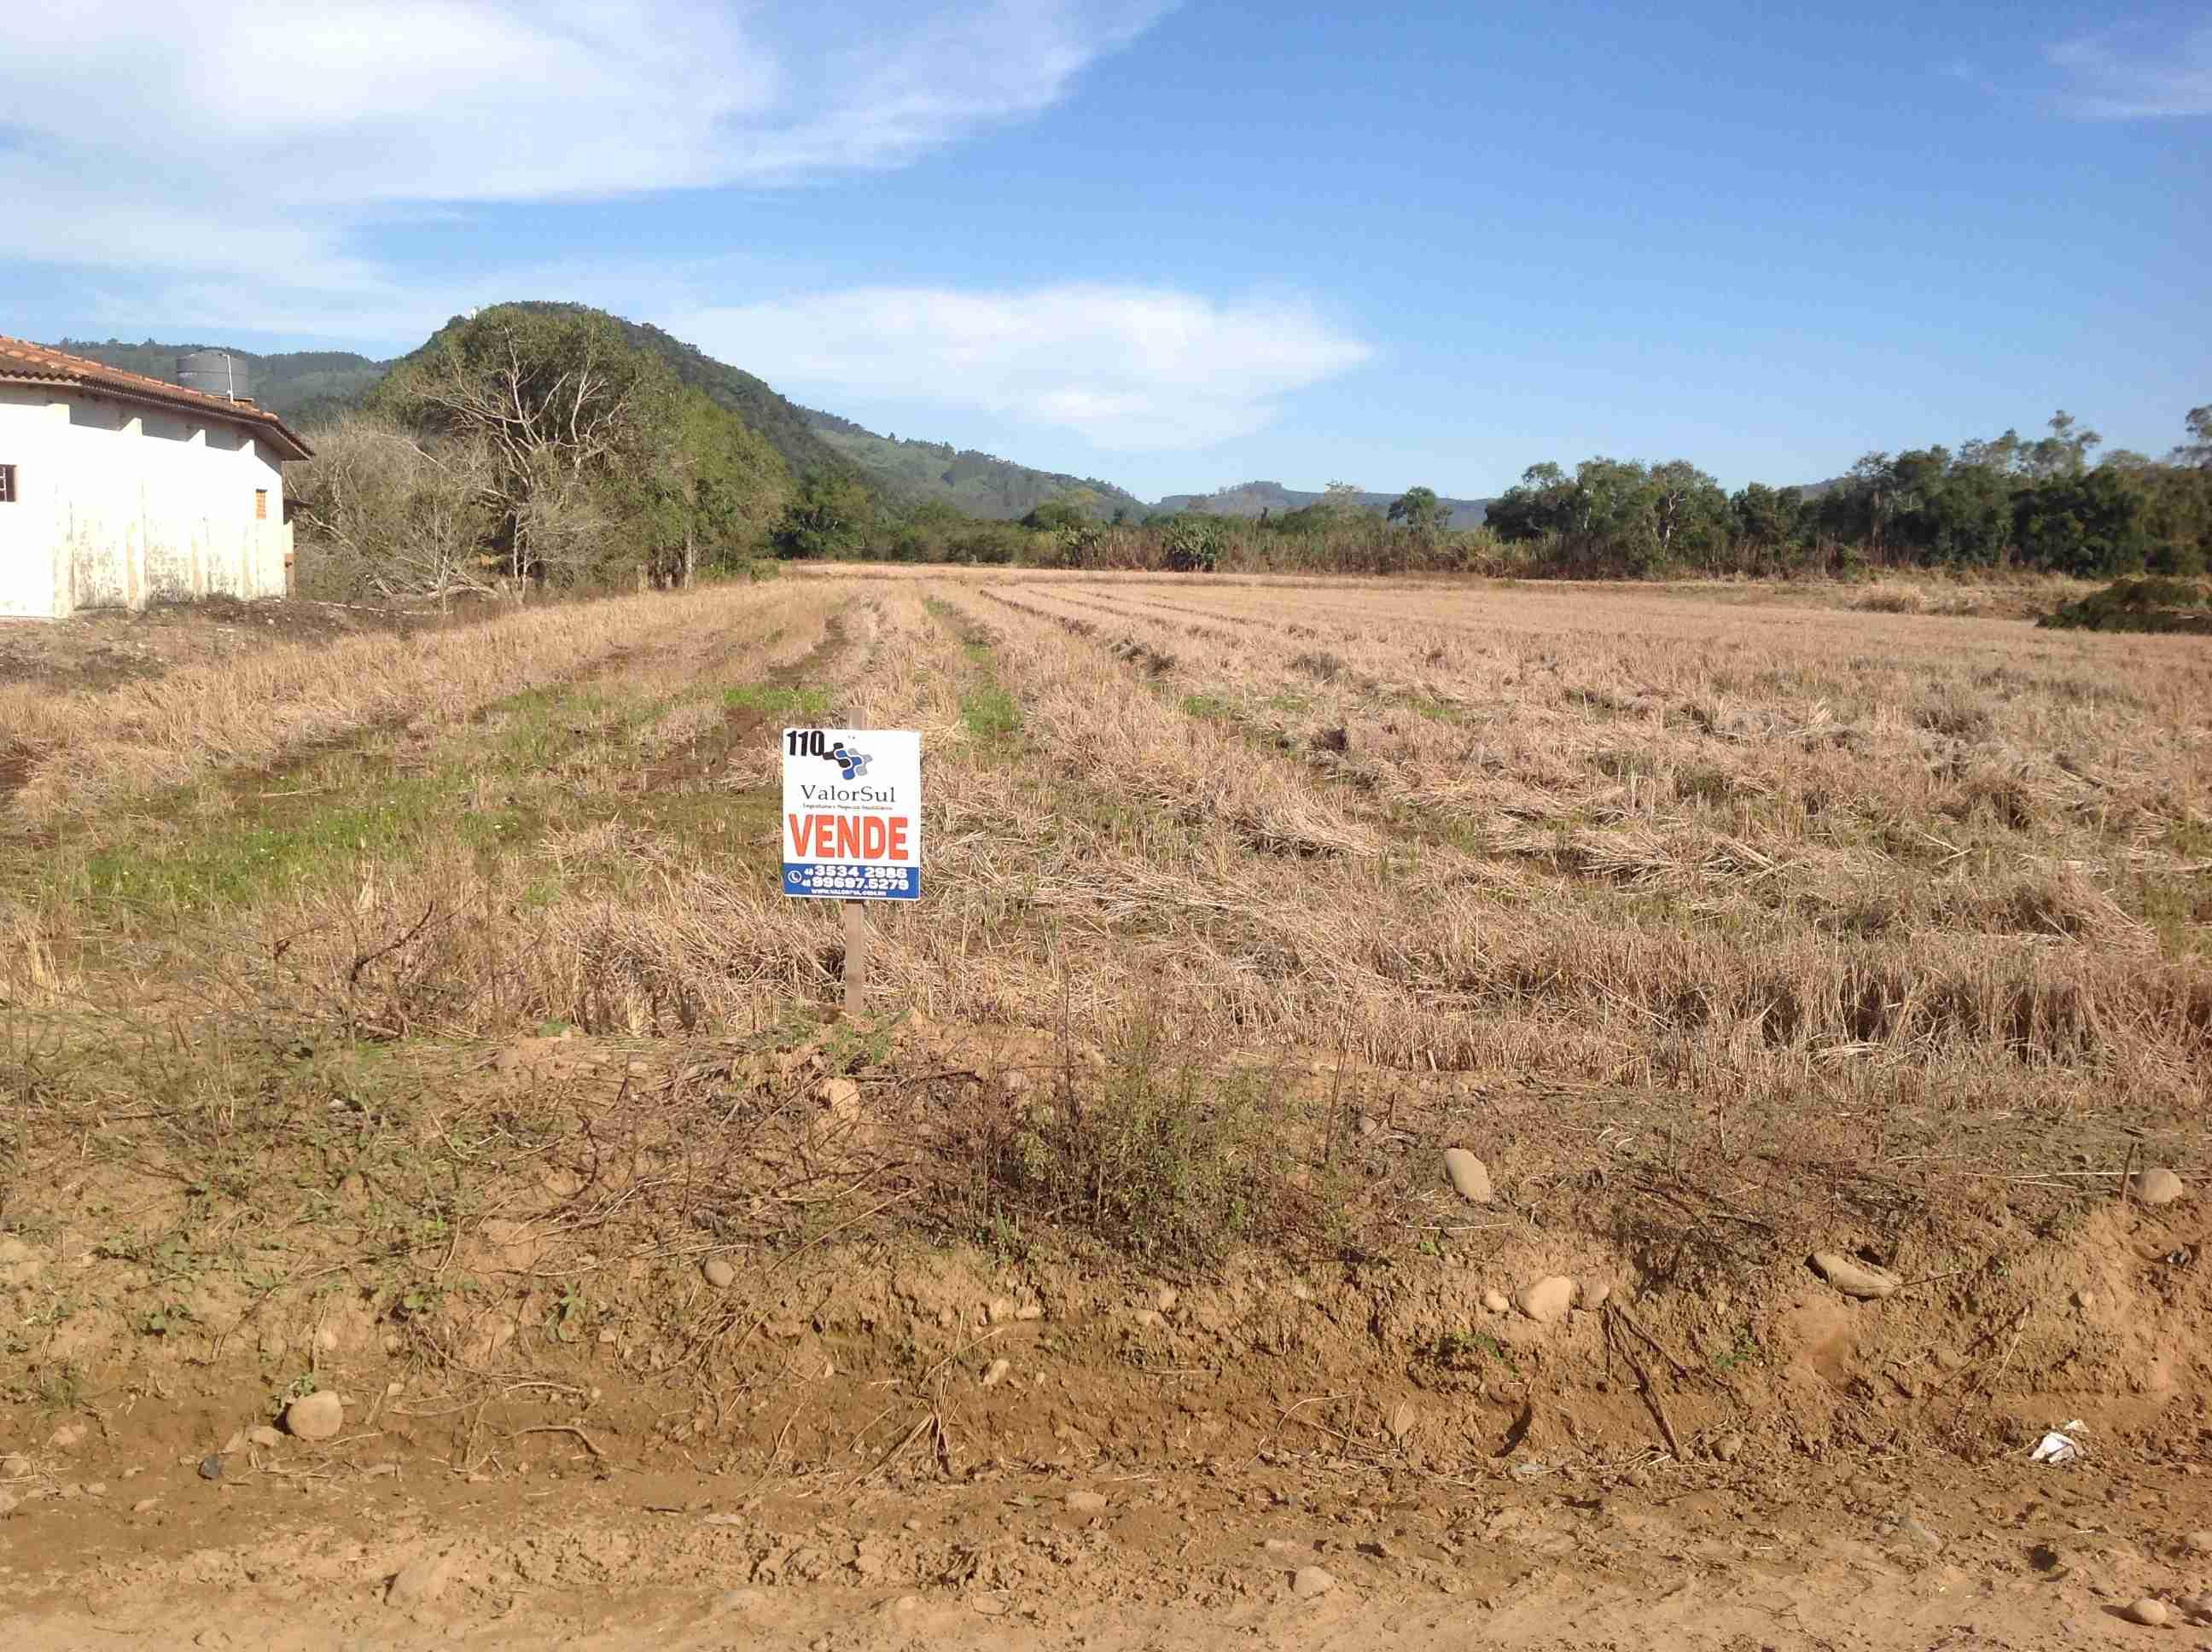 Área rural (110)2.5ha,preparada cultura arroz c/ provarzea pronta,ótima localização,estrada municípal cortando ao meio,próximo município séde.